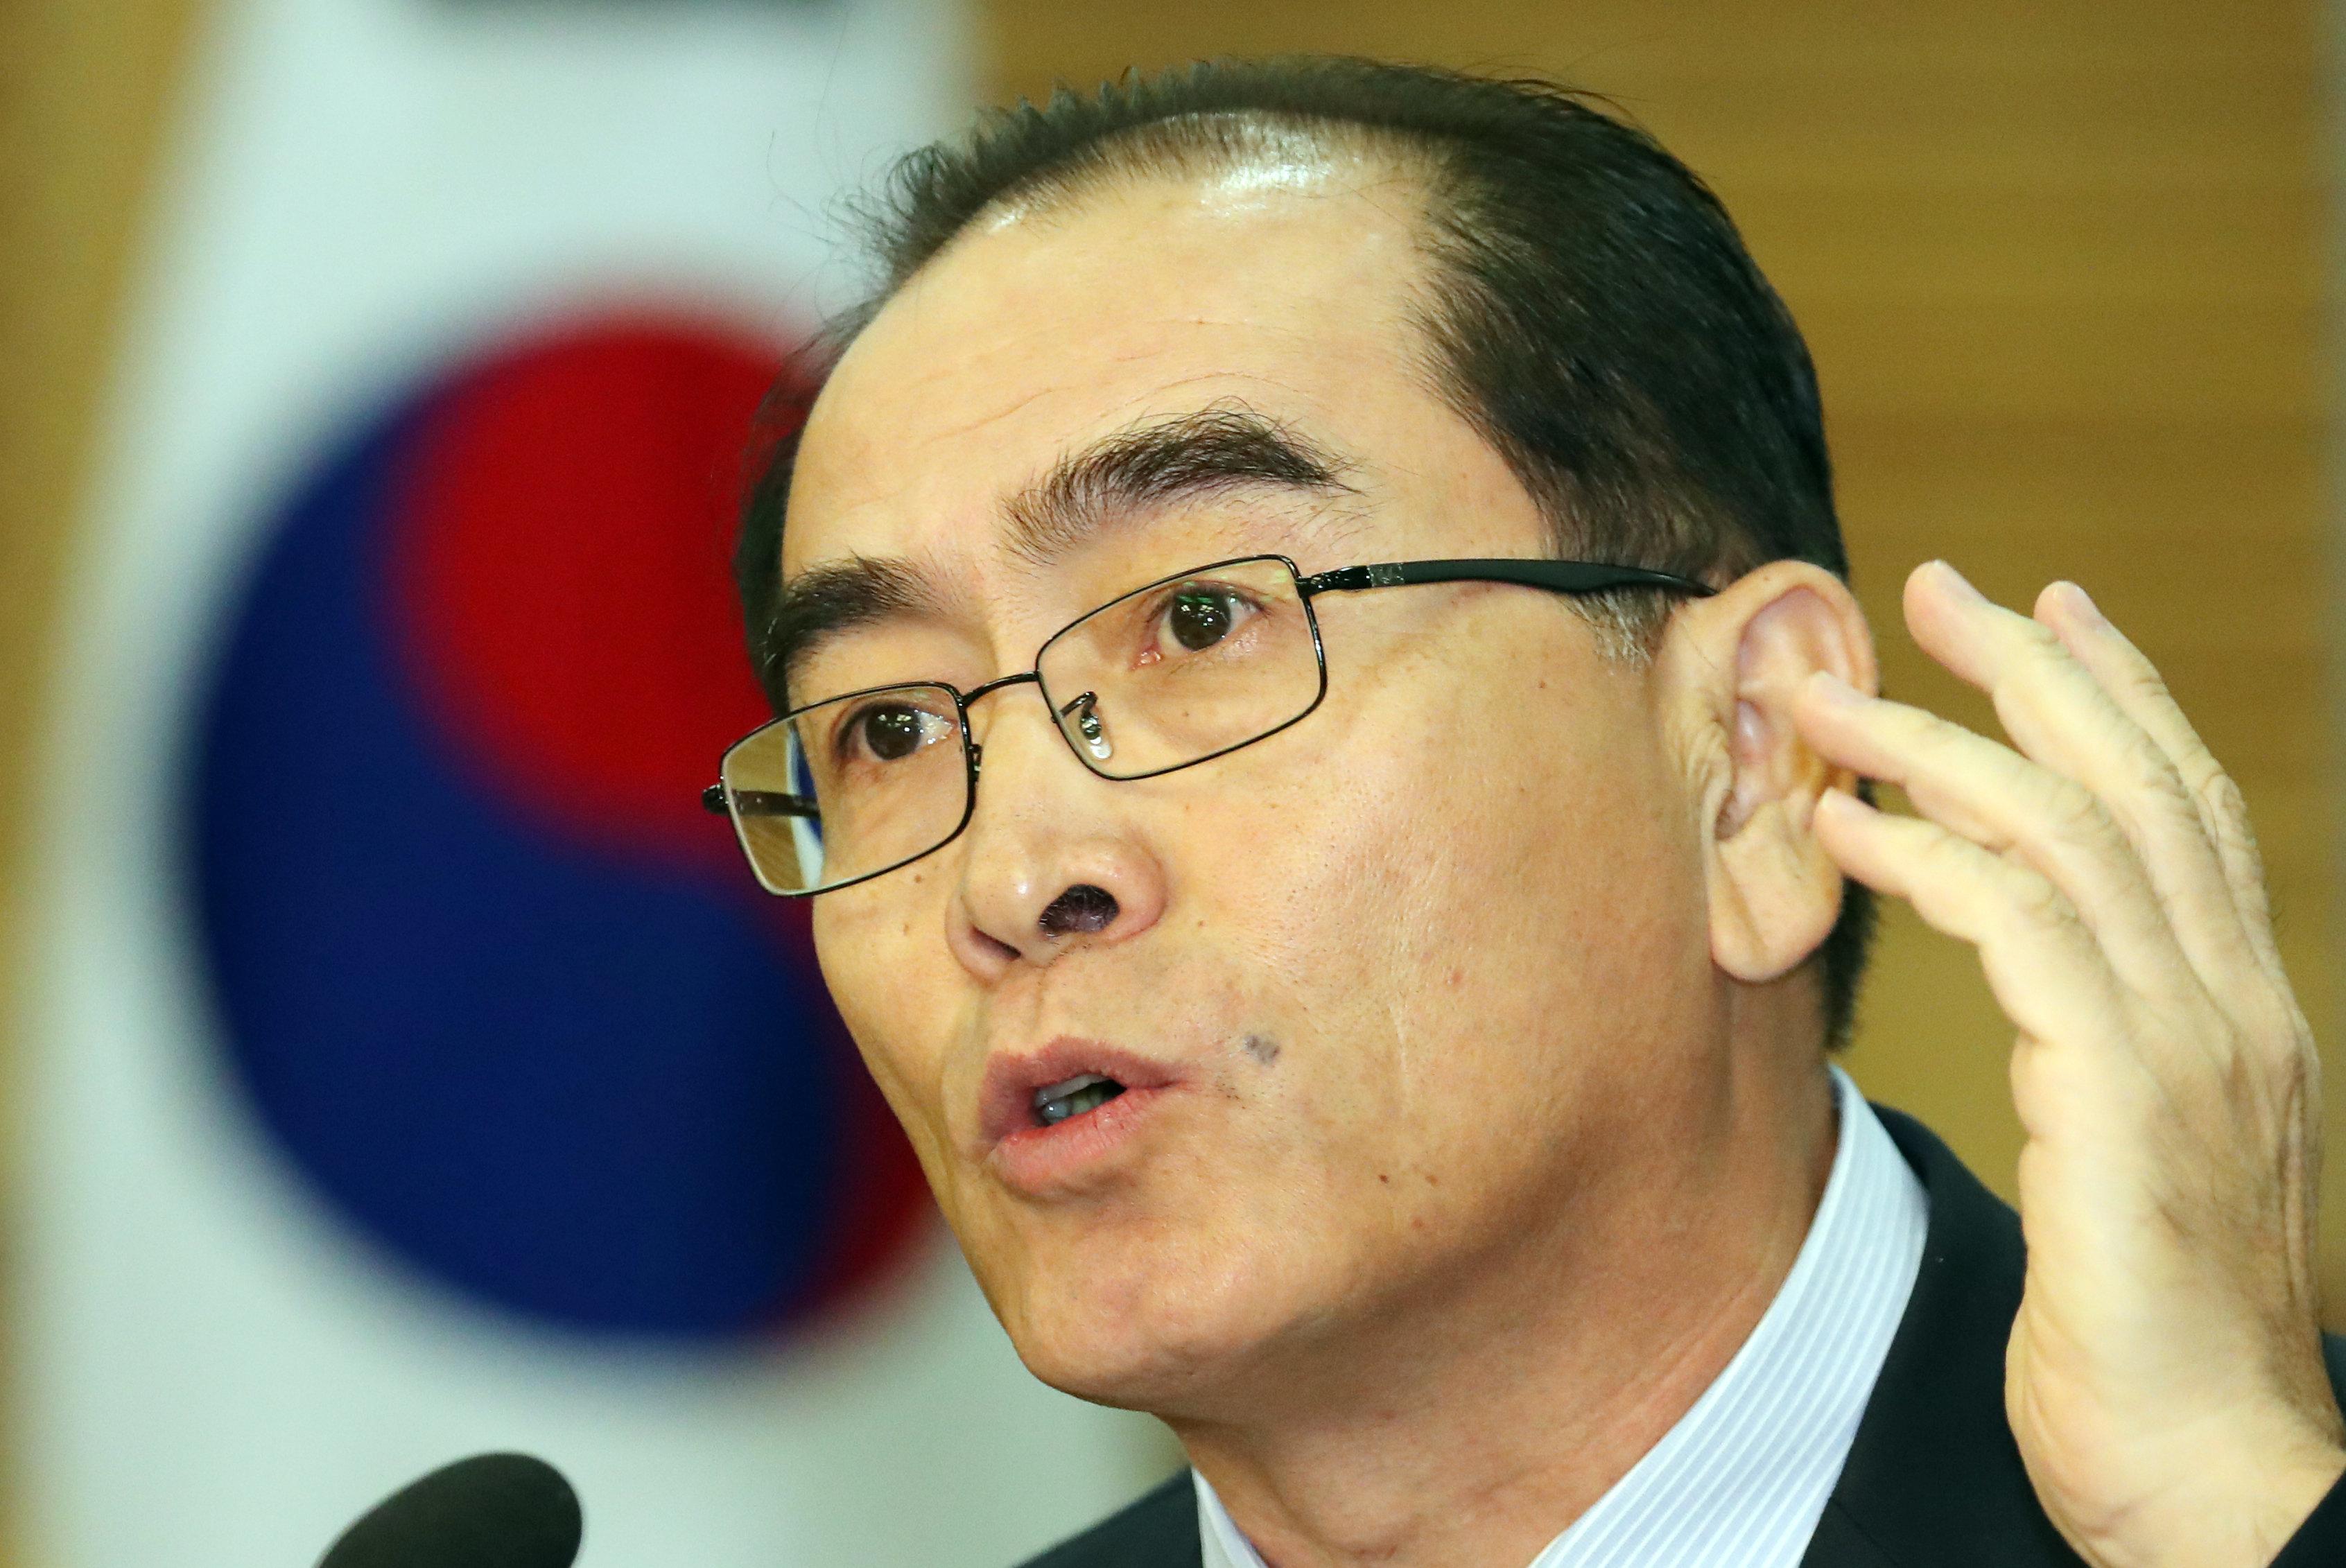 태영호가 조성길 북한 대사대리에게 '한국행'을 공개